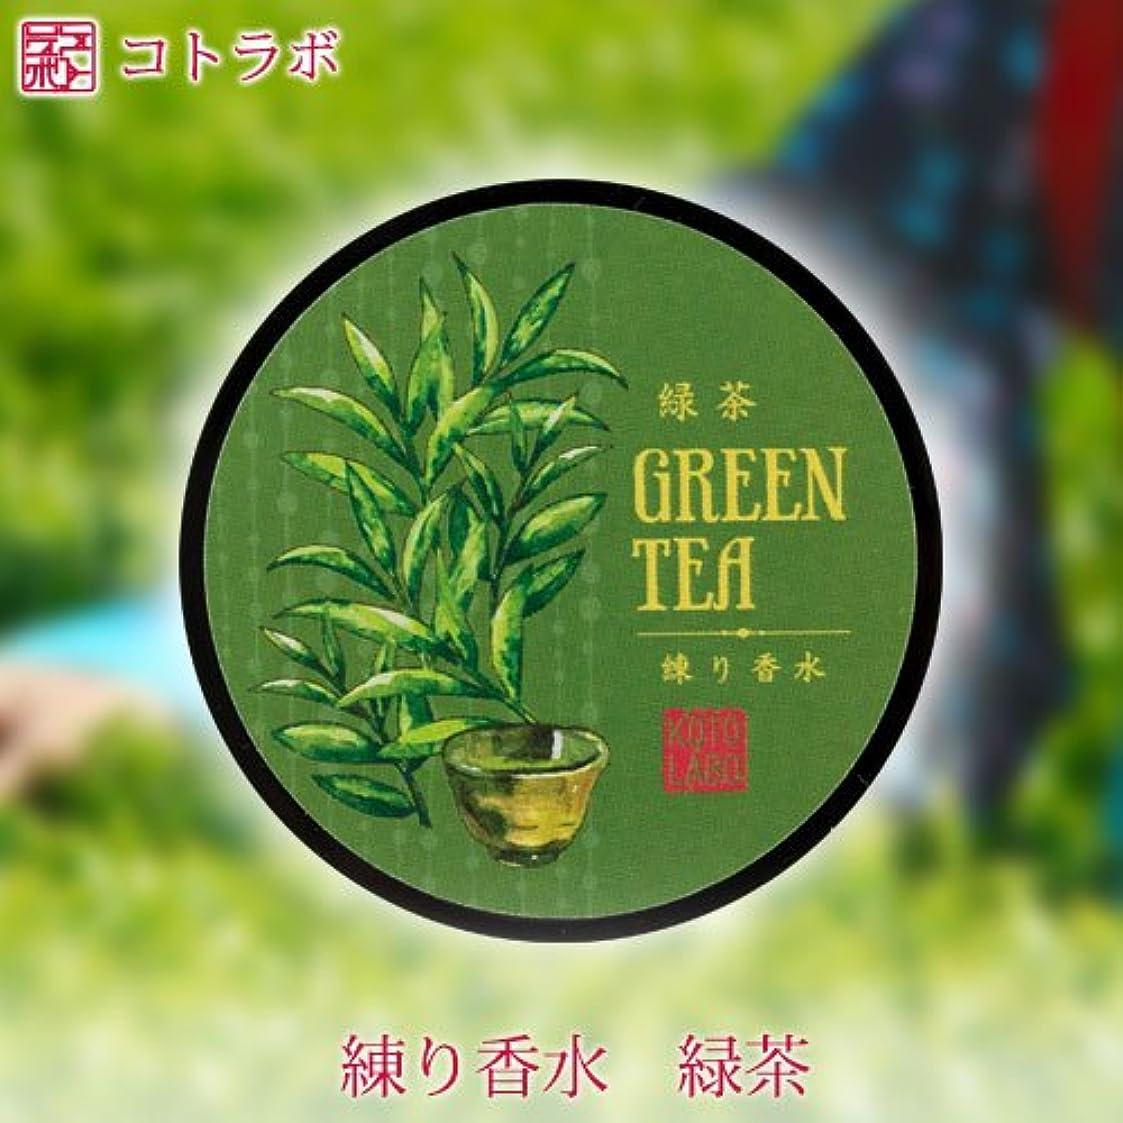 しなければならない切り離す備品コトラボ練り香水京都謹製緑茶グリーンティーフローラルの香りソリッドパフュームKotolabo solid perfume, Green tea